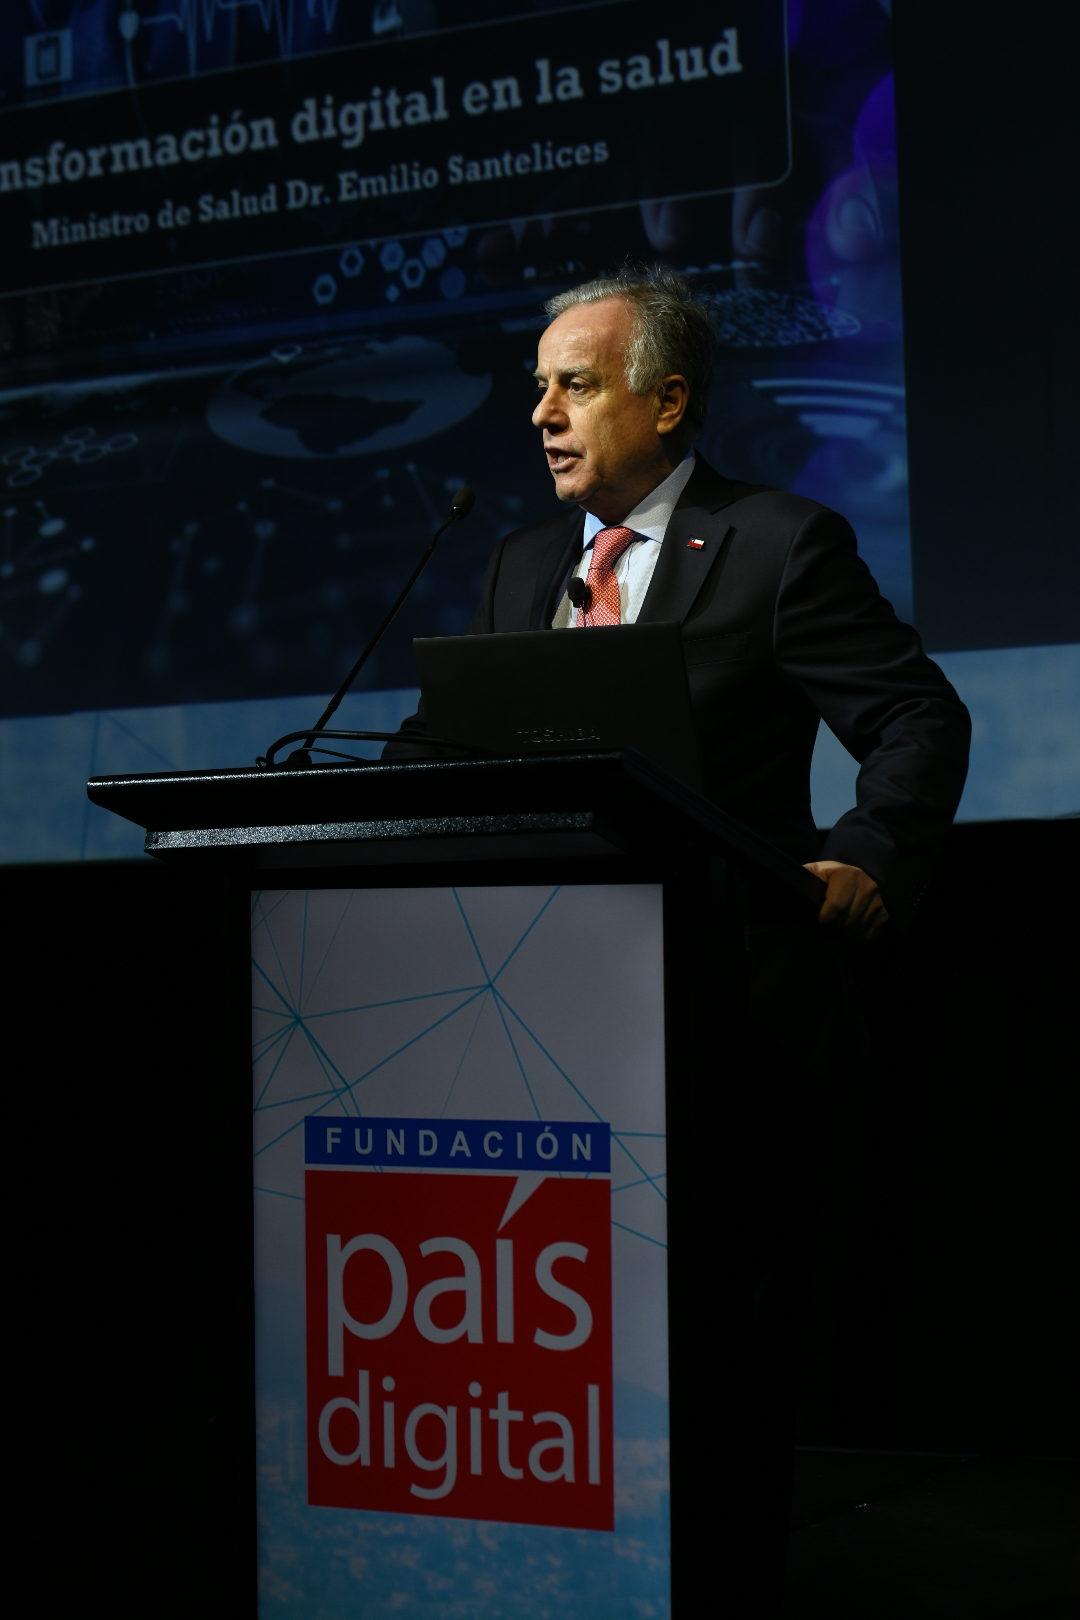 II Simposio Salud: Minsal dio a conocer Nuevo Modelo de Salud Digital para los próximos cuatro año